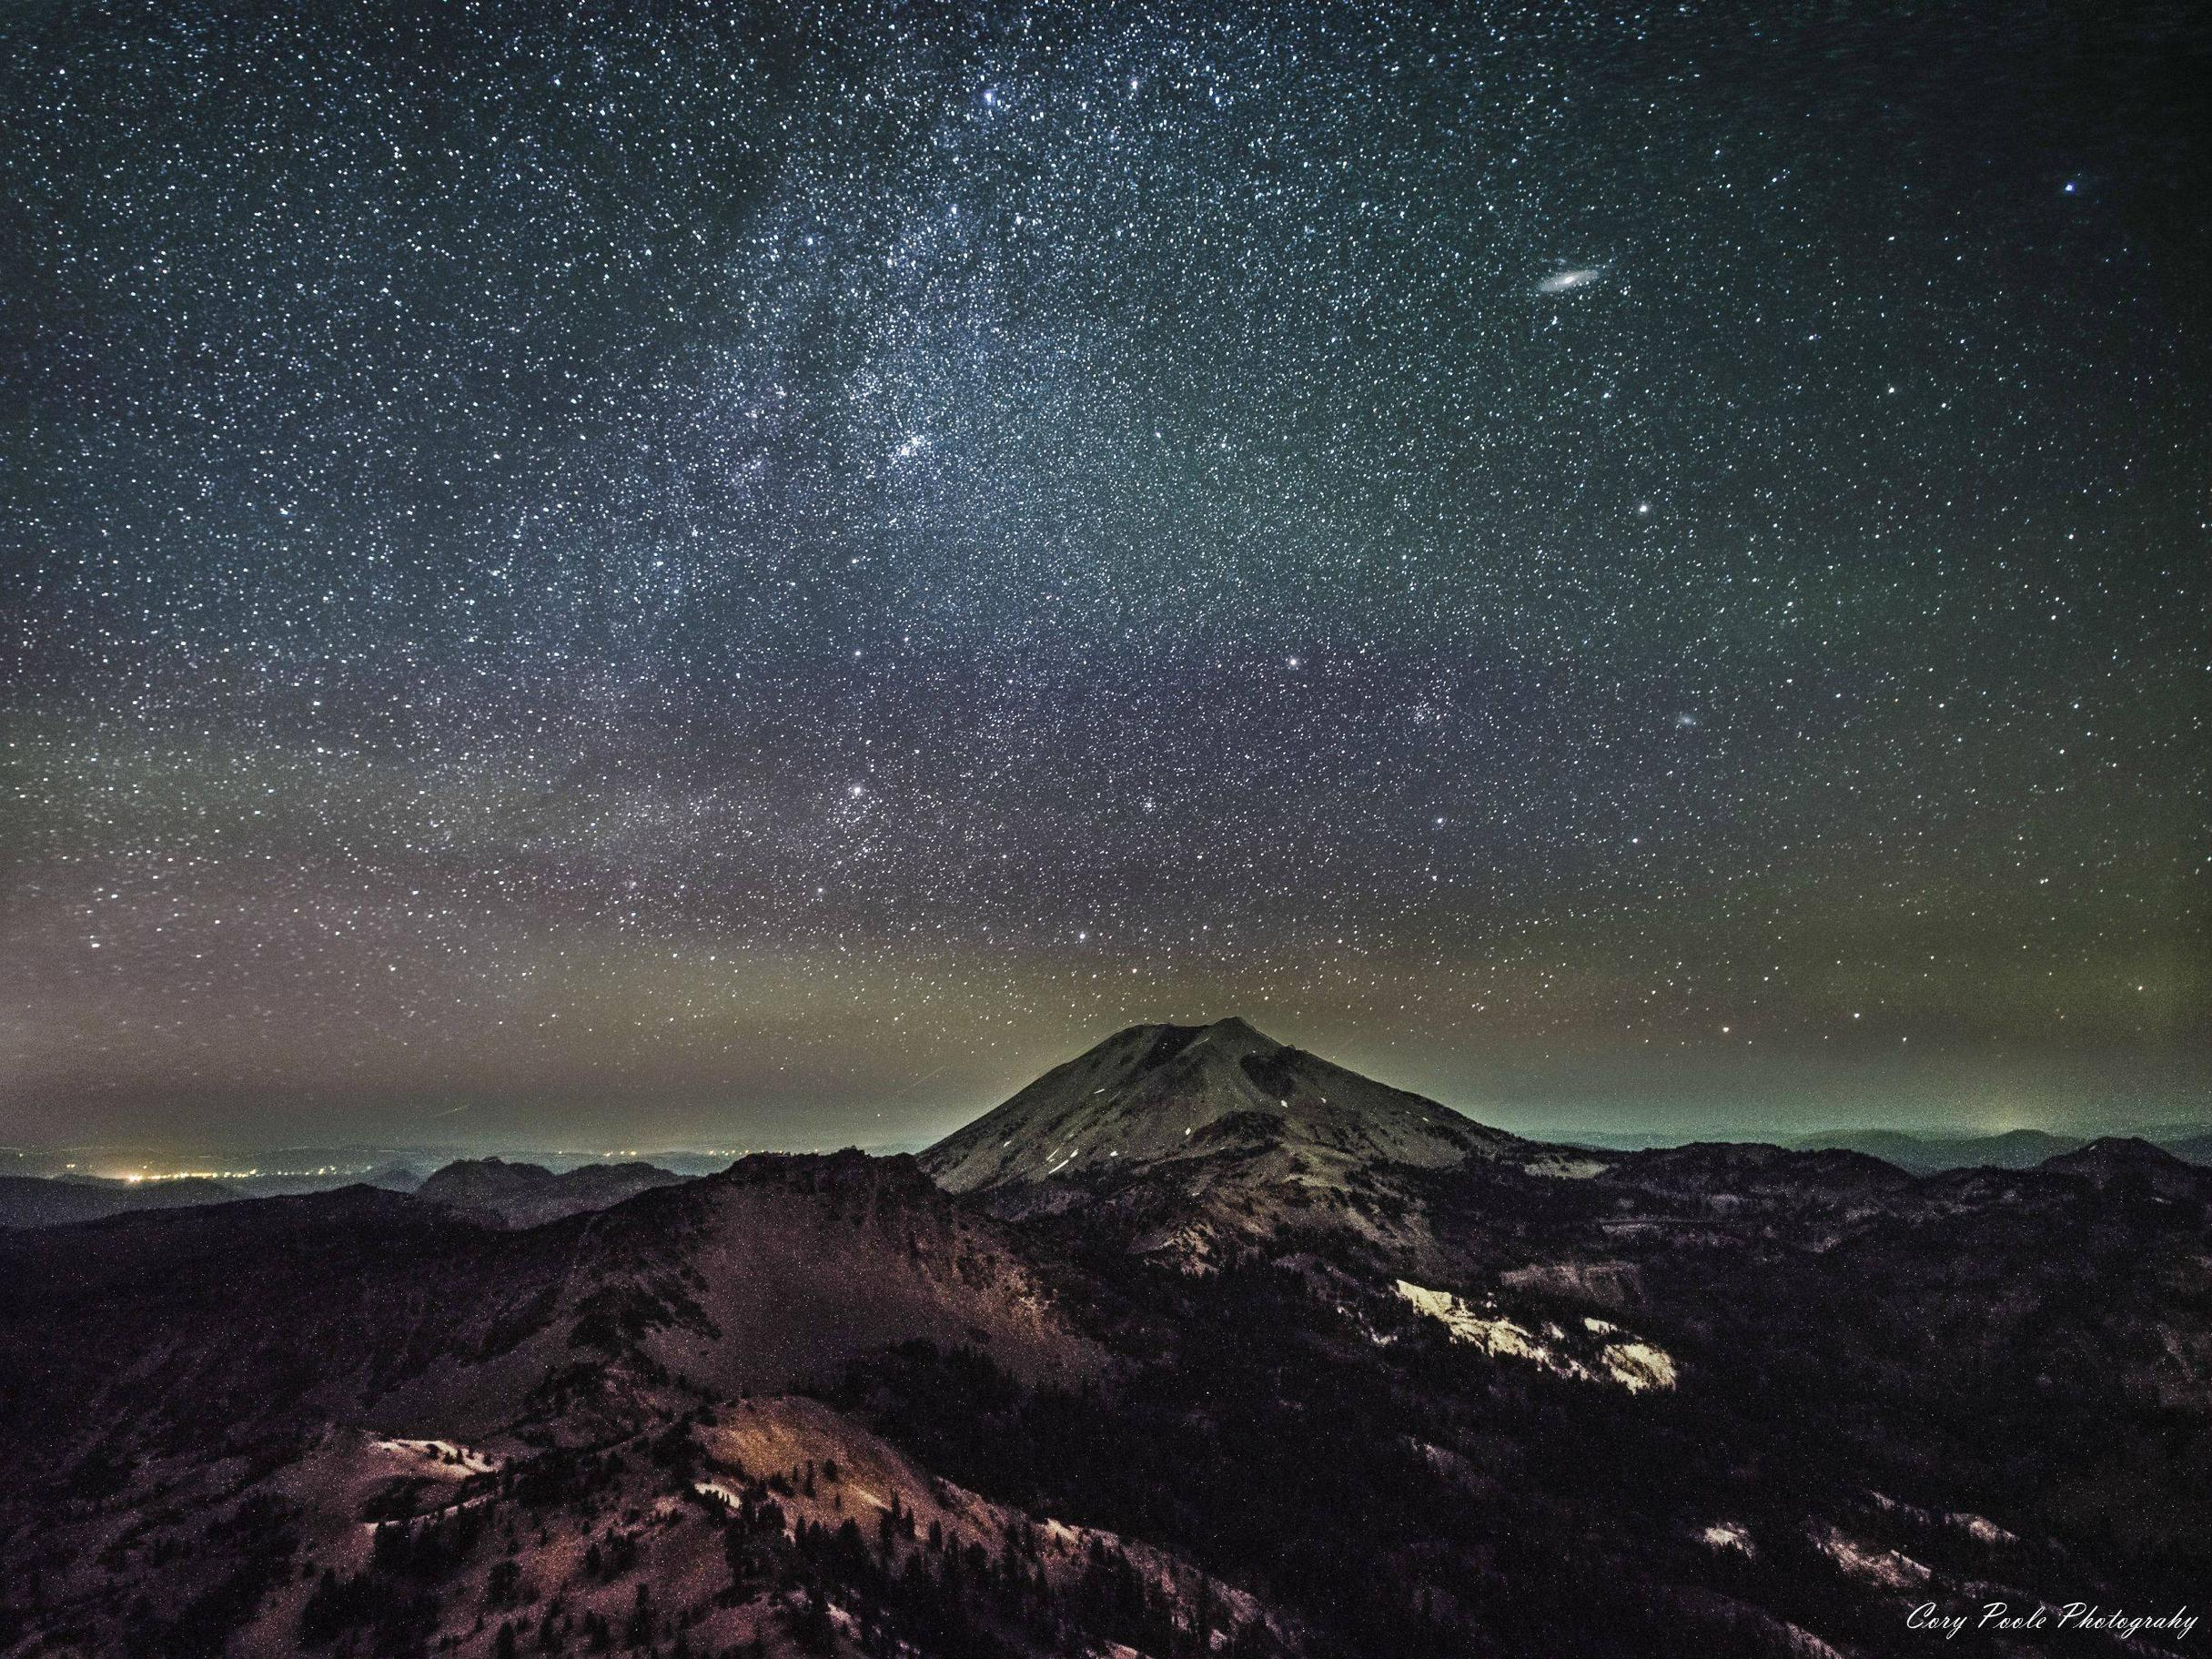 Pada foto ini galaksi Andromeda tampak seperti cakram ripis di sebelah pojok kanan atas. Kredit : Cory Poole Photography